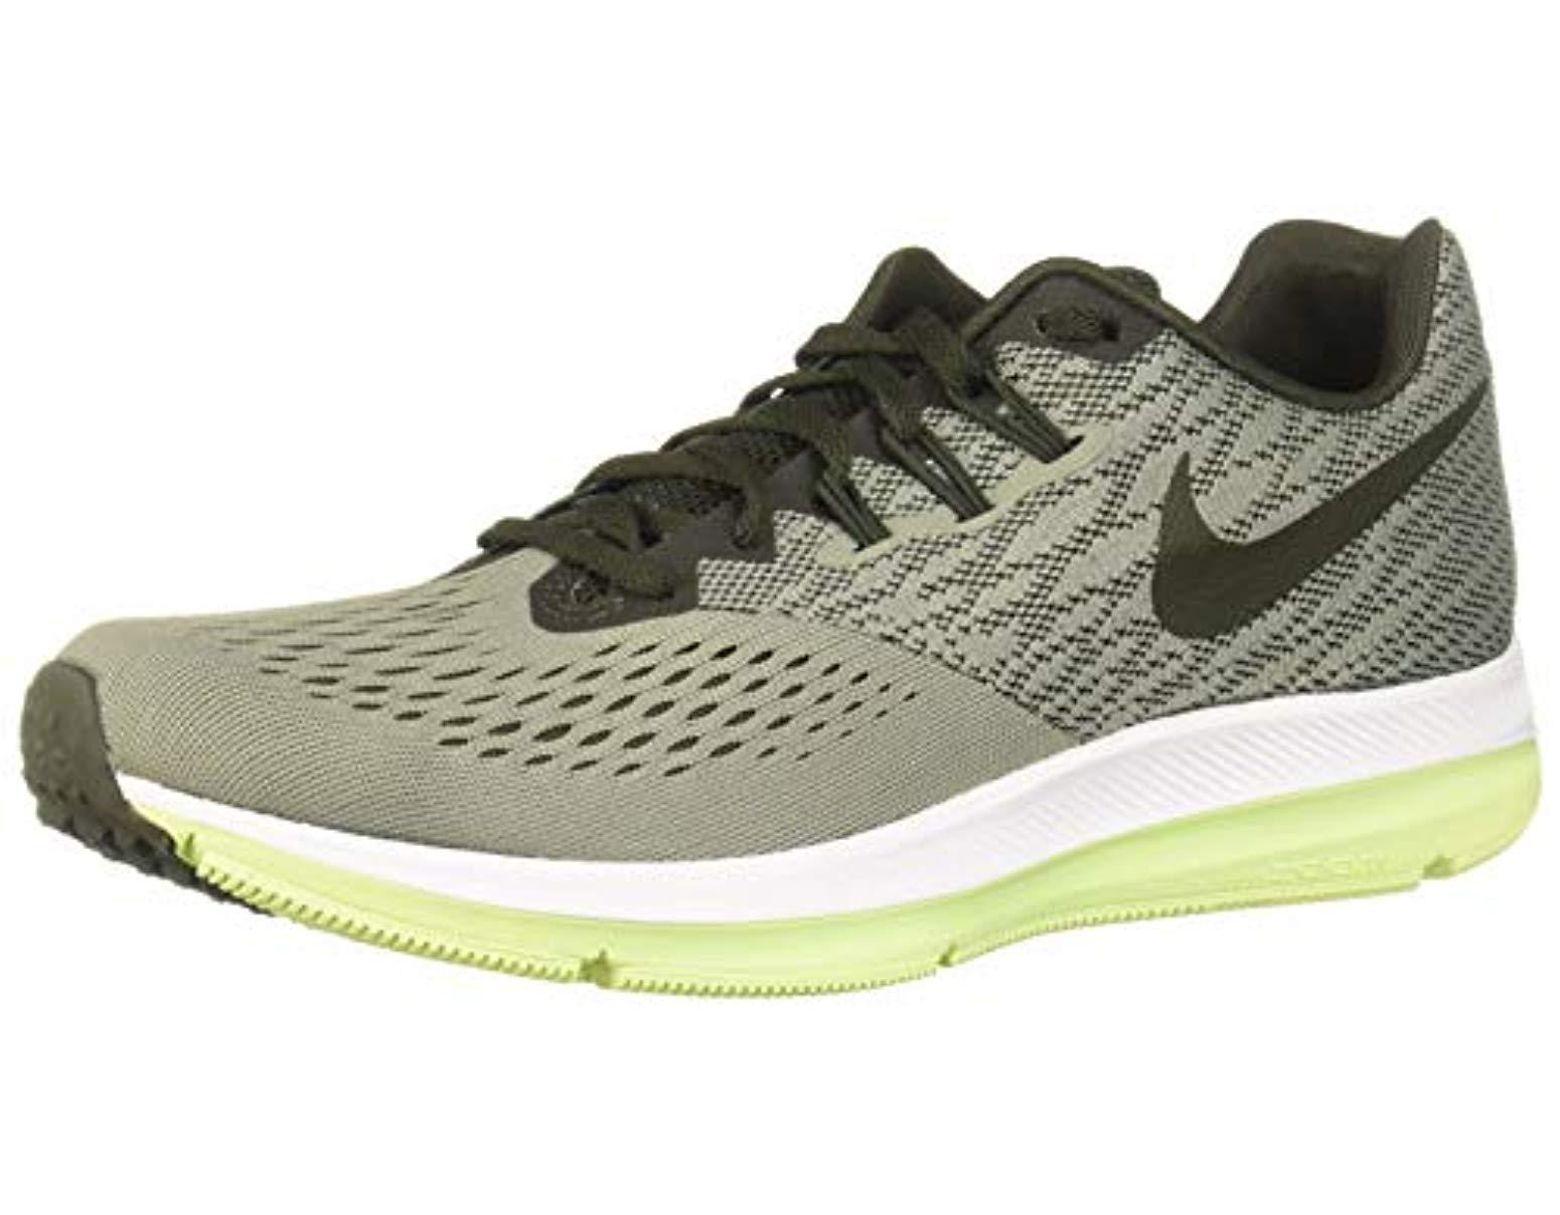 da8200eb03c8b Men's Green Zoom Winflo 4 Running Shoes